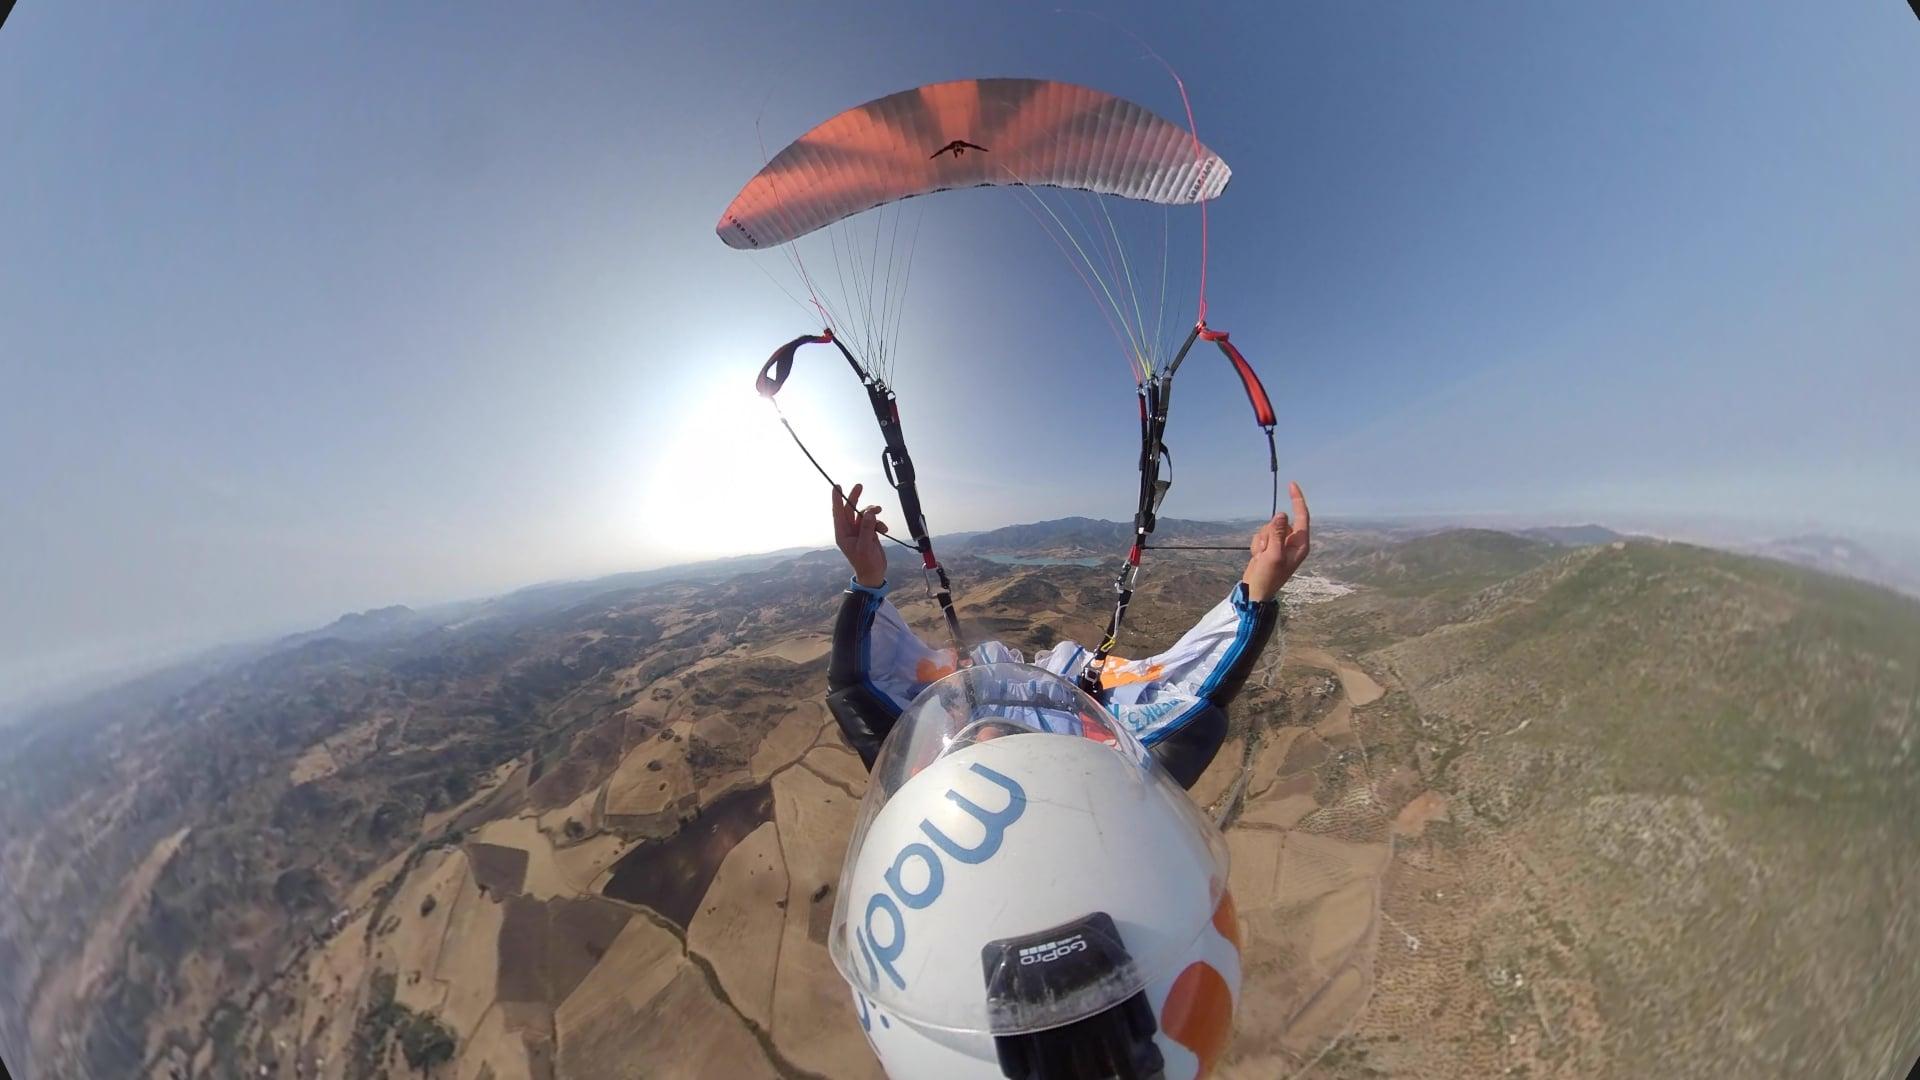 David Tejeiro acrobacia extrema con parapente traje de alas